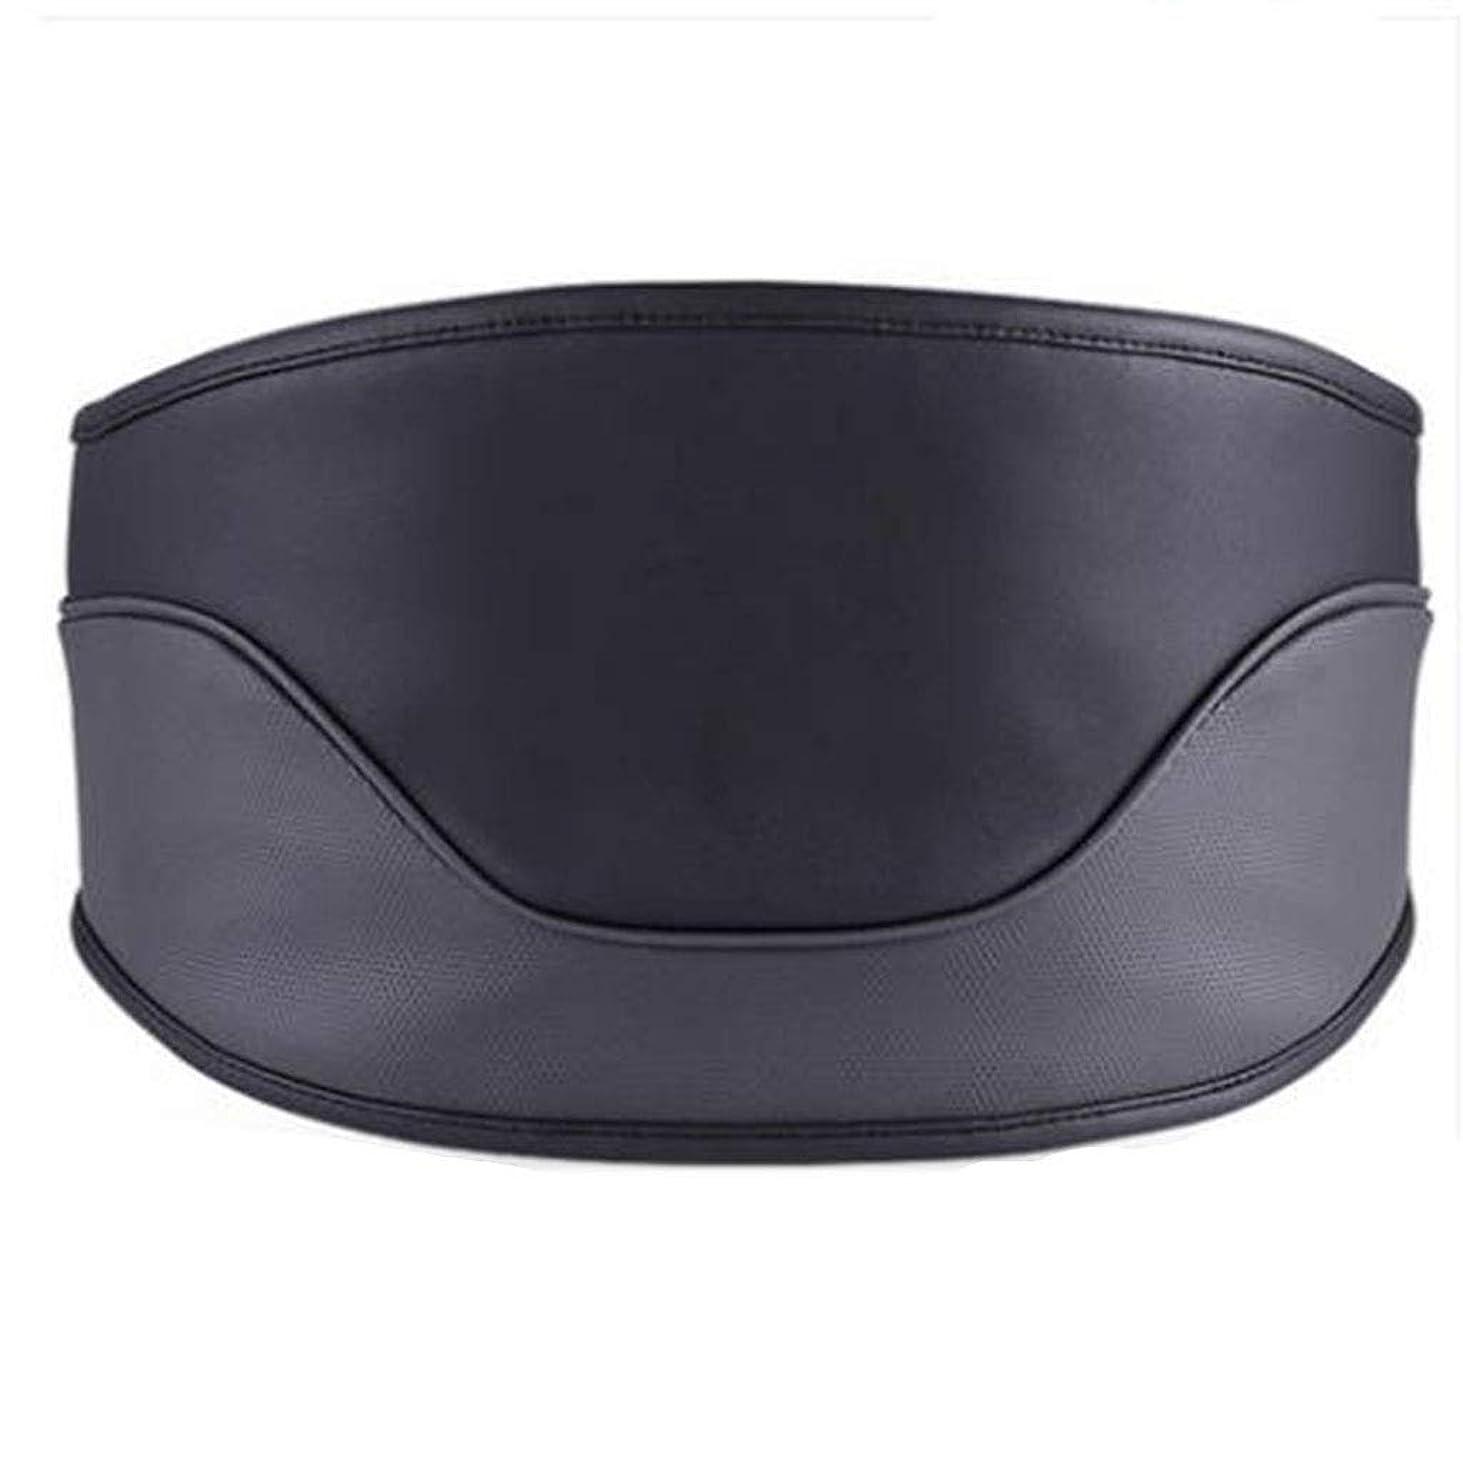 アラブ生まれ波紋マッサージャー マッサージャーウエストマッサージャー首肩全身ホーム腰椎マッサージャー電気暖房付き多機能成人理学療法ギフトホームオフィスカー (Color : Black, Size : M)